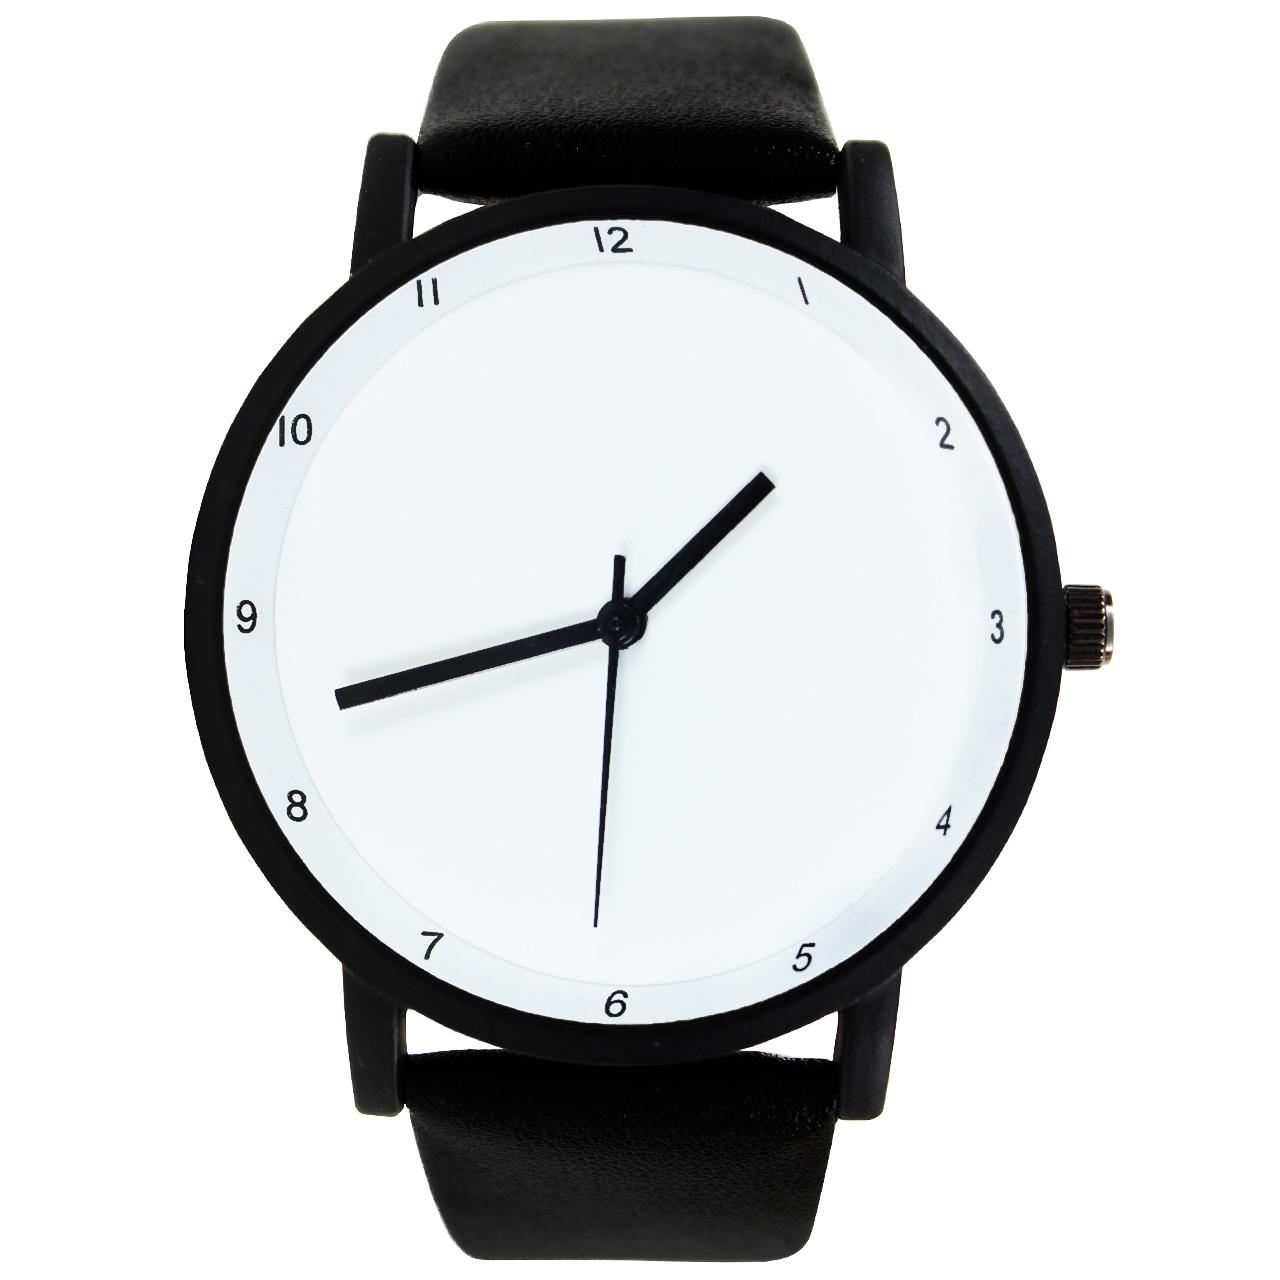 ساعت مچی عقربه ای مردانه و زنانه مدل P5-8